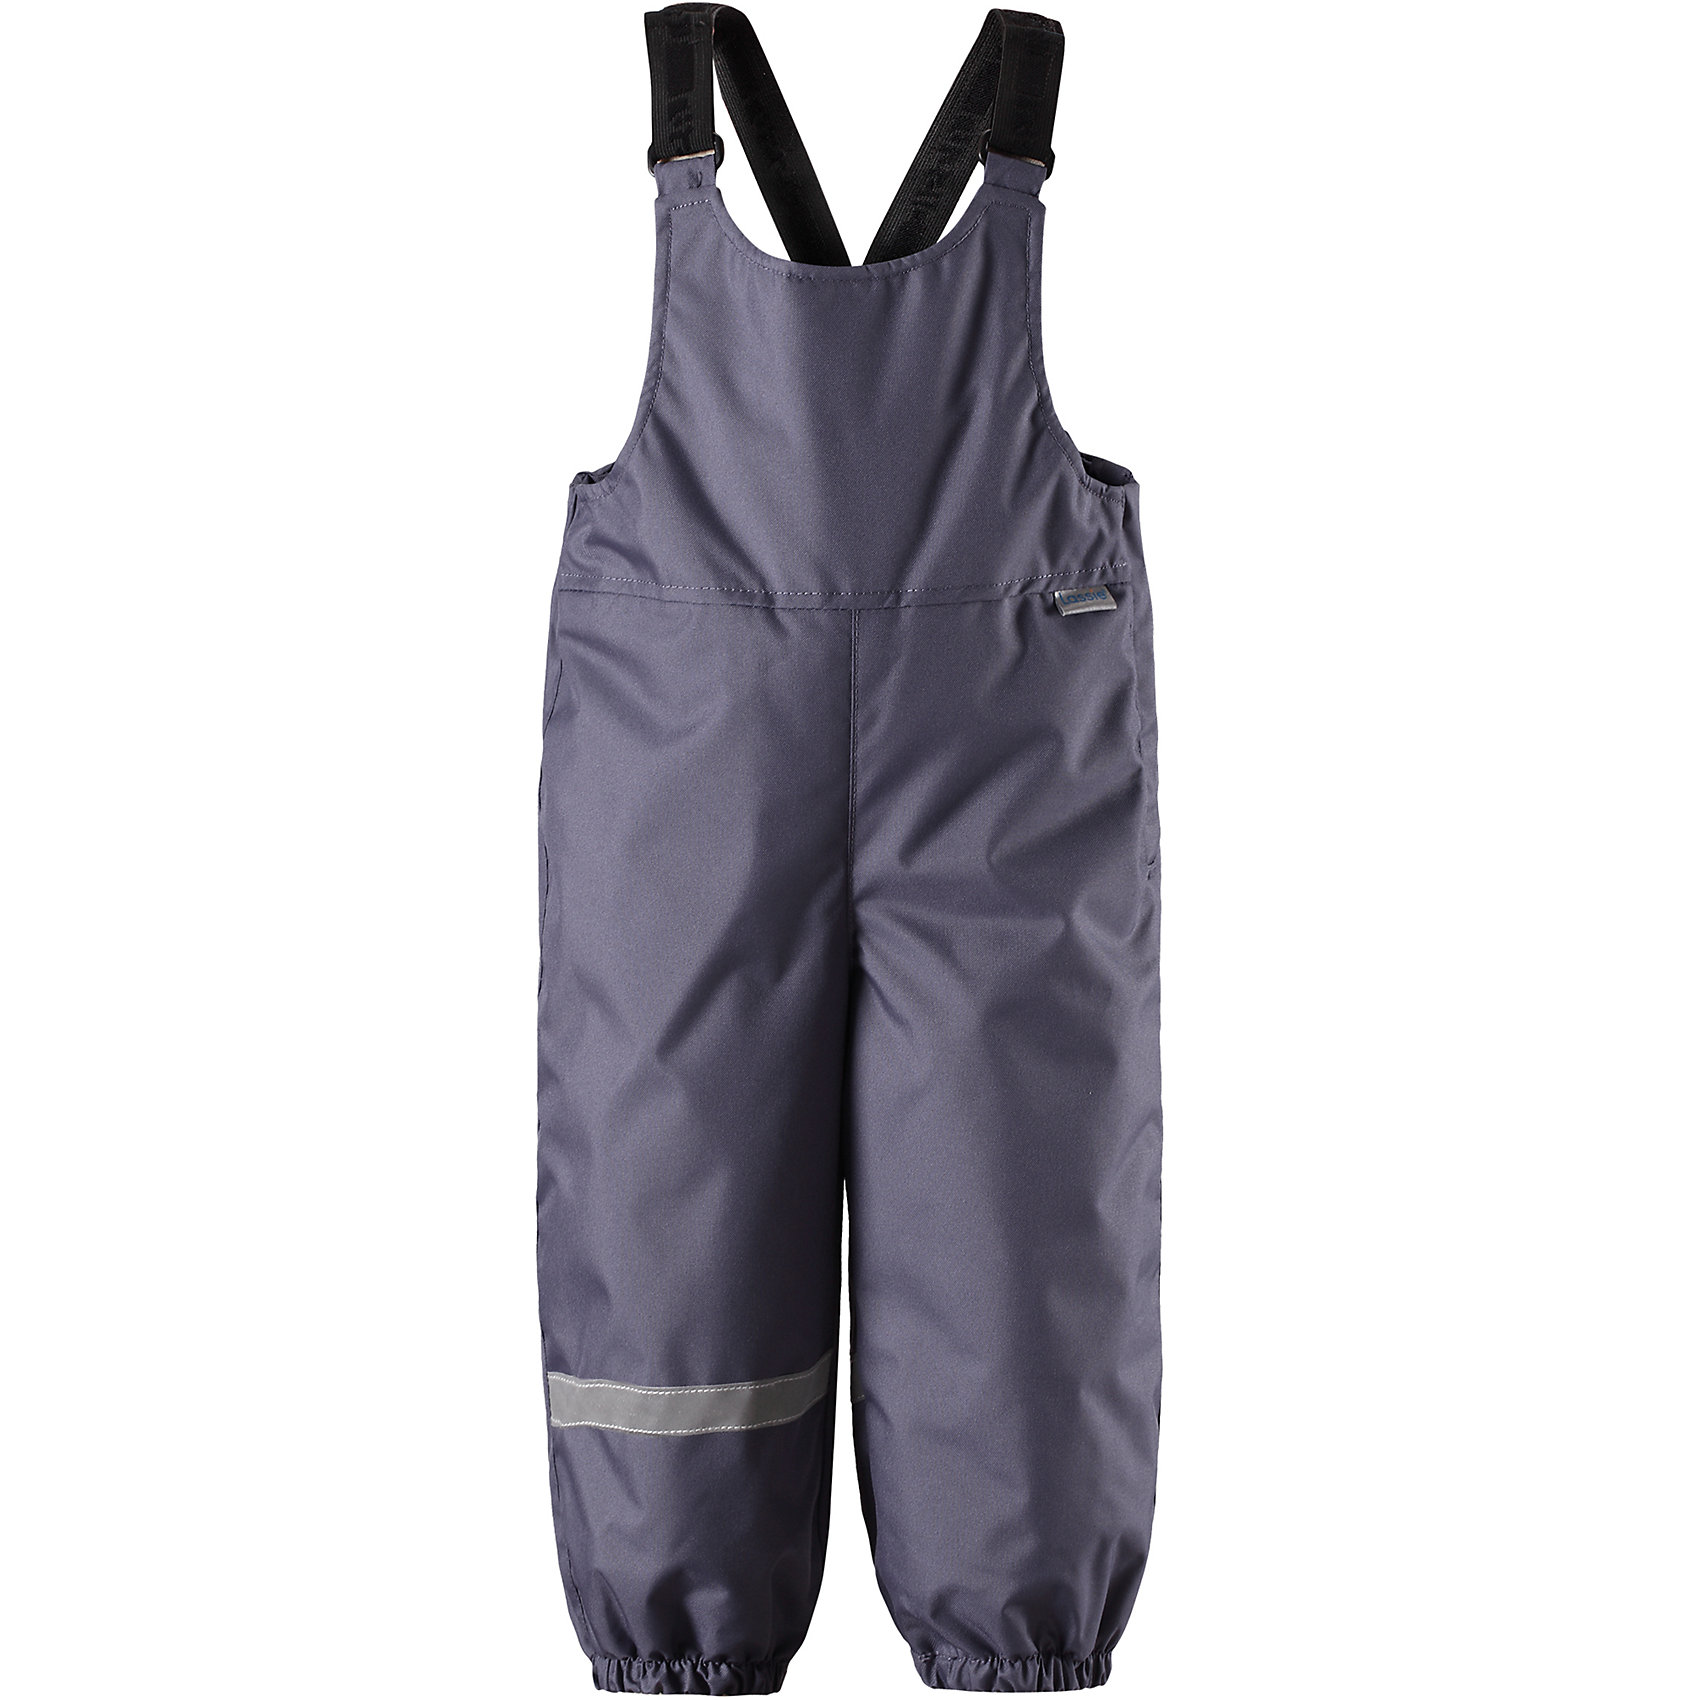 Брюки LassieВерхняя одежда<br>Характеристики товара:<br><br>• цвет: серый;<br>• состав: 100% полиэстер, полиуретановое покрытие;<br>• подкладка: 100% полиэстер;<br>• утеплитель: 140 г/м2;<br>• сезон: зима;<br>• температурный режим: от 0 до -20С;<br>• водонепроницаемость: 1000 мм;<br>• воздухопроницаемость: 2000 мм;<br>• износостойкость: 20000 циклов (тест Мартиндейла)<br>• застежка: молния сбоку;<br>• водоотталкивающий, ветронепроницаемый и дышащий материал;<br>• задний серединный шов проклеен;<br>• гладкая подкладка из полиэстера;<br>• эластичные штанины;<br>• регулируемые эластичные подтяжки;<br>• светоотражающие детали;<br>• страна бренда: Финляндия;<br>• страна изготовитель: Китай;<br><br>Теплые зимние брюки для малышей с регулируемыми подтяжками и съемными штрипками очень удобно сидят. Молния сбоку облегчает надевание, а флисовая подкладка на седалище обеспечивает дополнительное утепление. <br><br>Брюки Lassie (Ласси) можно купить в нашем интернет-магазине.<br><br>Ширина мм: 215<br>Глубина мм: 88<br>Высота мм: 191<br>Вес г: 336<br>Цвет: серый<br>Возраст от месяцев: 24<br>Возраст до месяцев: 36<br>Пол: Унисекс<br>Возраст: Детский<br>Размер: 98,74,80,86,92<br>SKU: 6905400